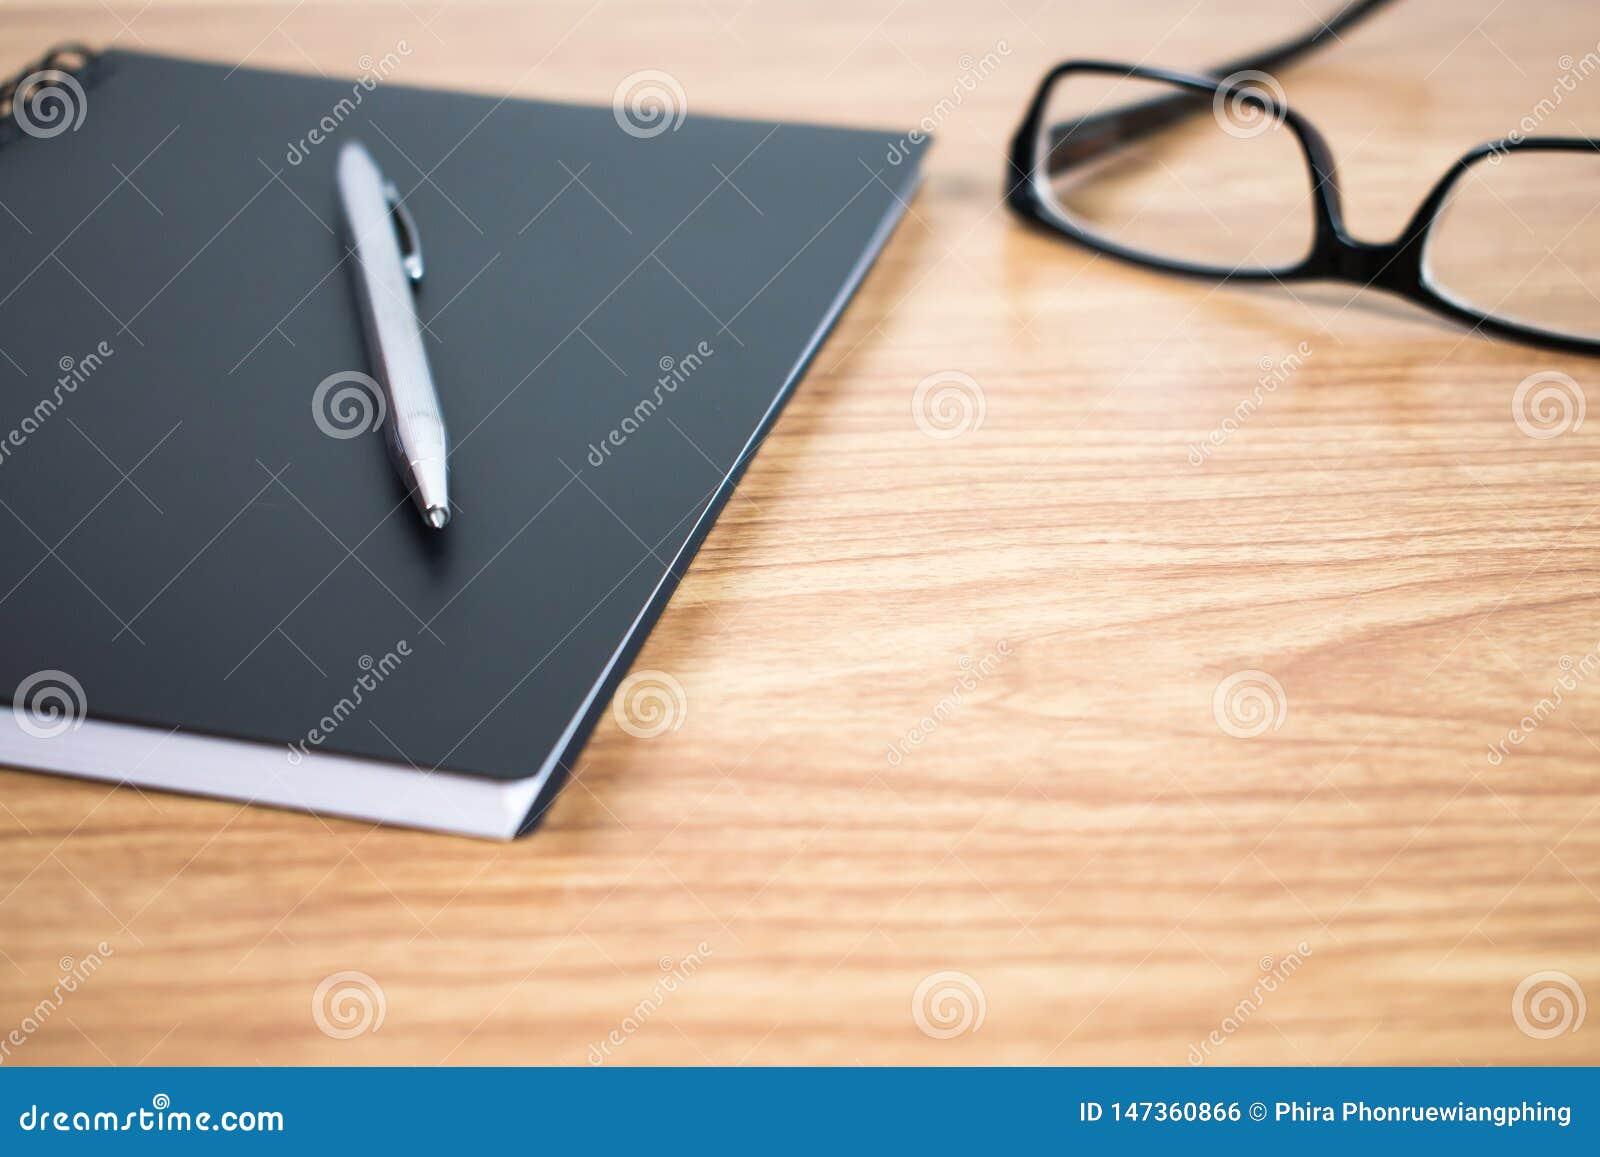 Взгляд со стороны ручки и тетради на готовом на таблице r